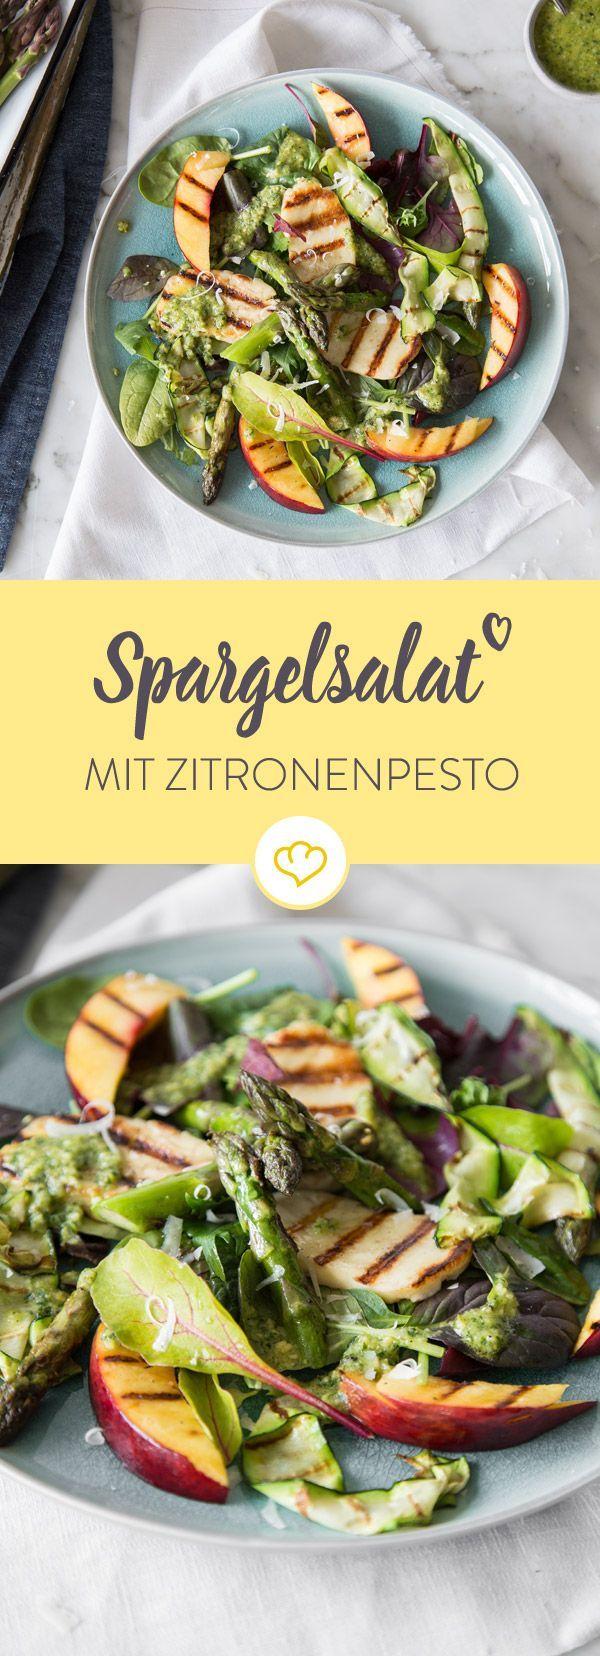 Frühlingszeit ist Spargelzeit. Dann werden die grünen Stangen mit Zucchini, Pfirsich, Halloumi und Zitronen-Pesto in der Schüssel zum erfrischenden Salat.